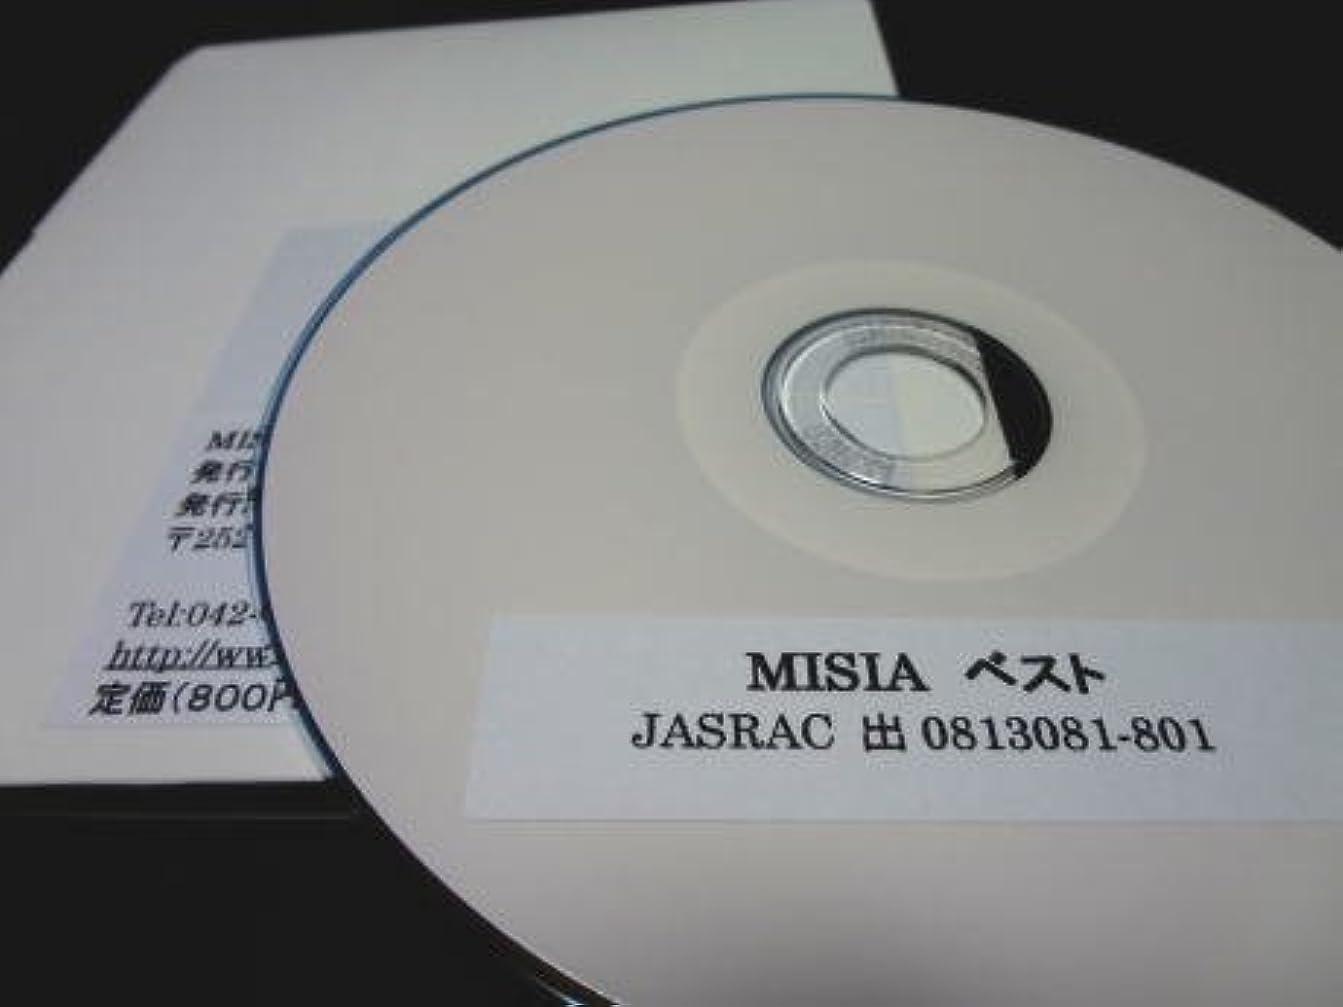 ギターコード譜シリーズ(CD-R版)/MISIA(ミーシャ) ベスト(全46曲収録)